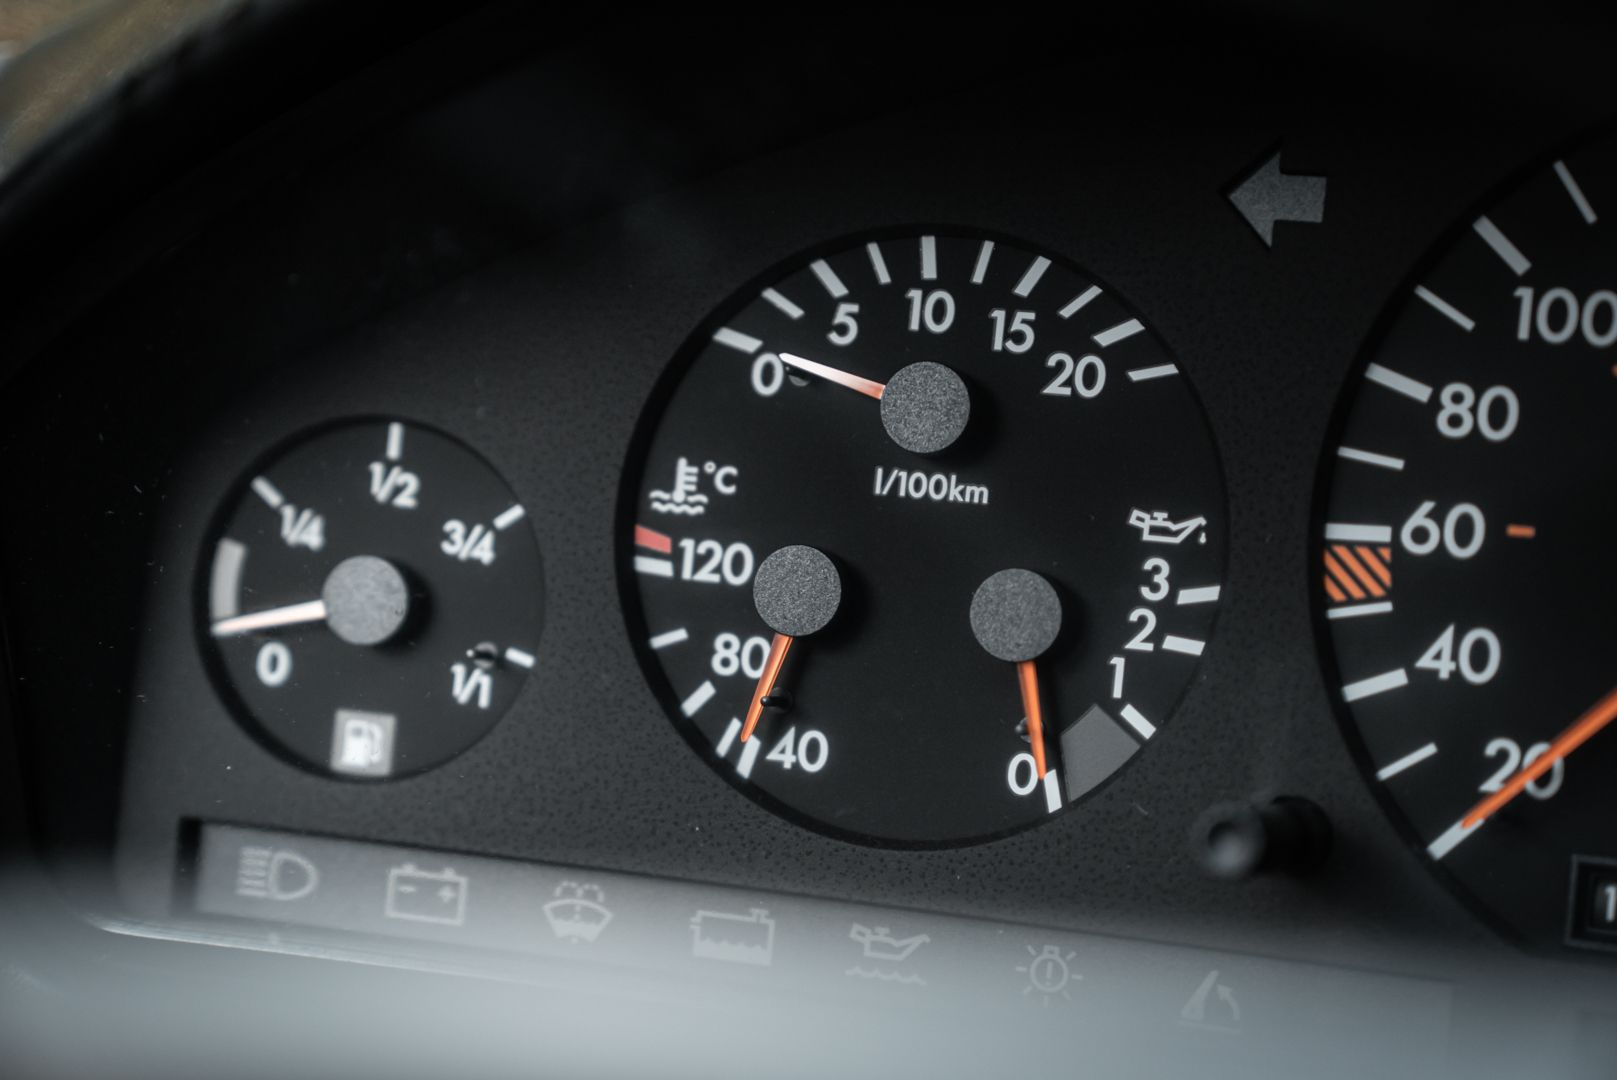 1992 Mercedes Benz 300 SL 24 V 80631